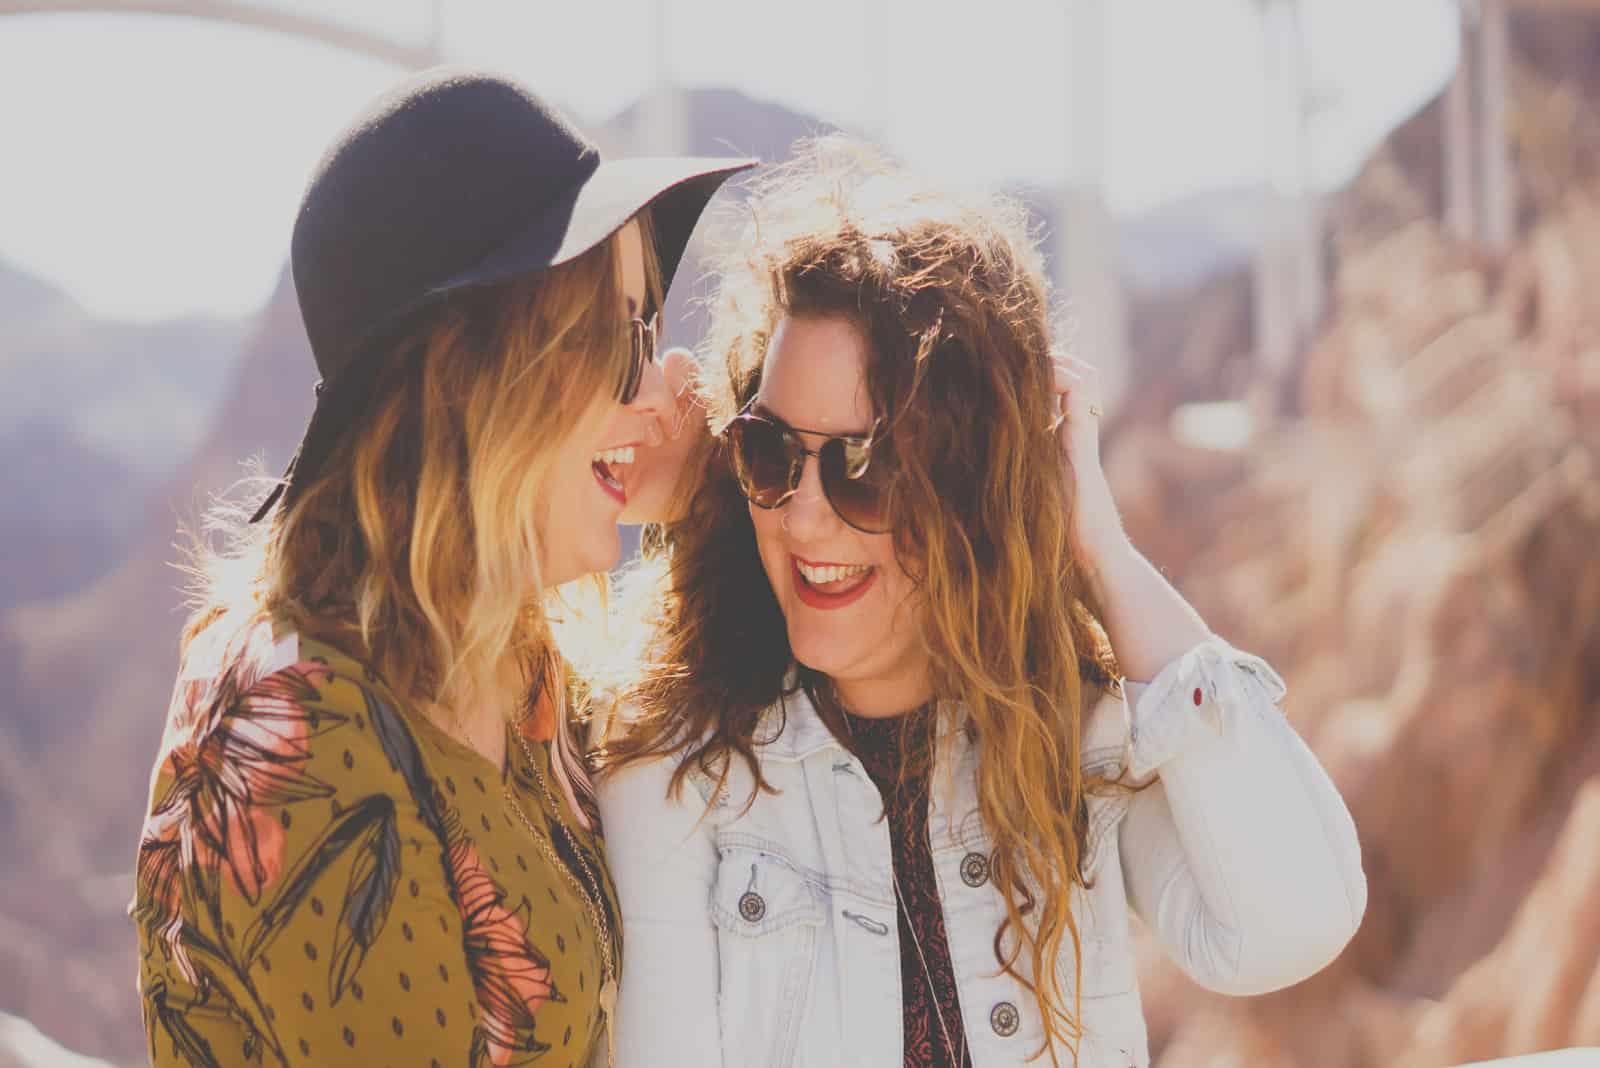 deux femmes avec des lunettes qui sourient